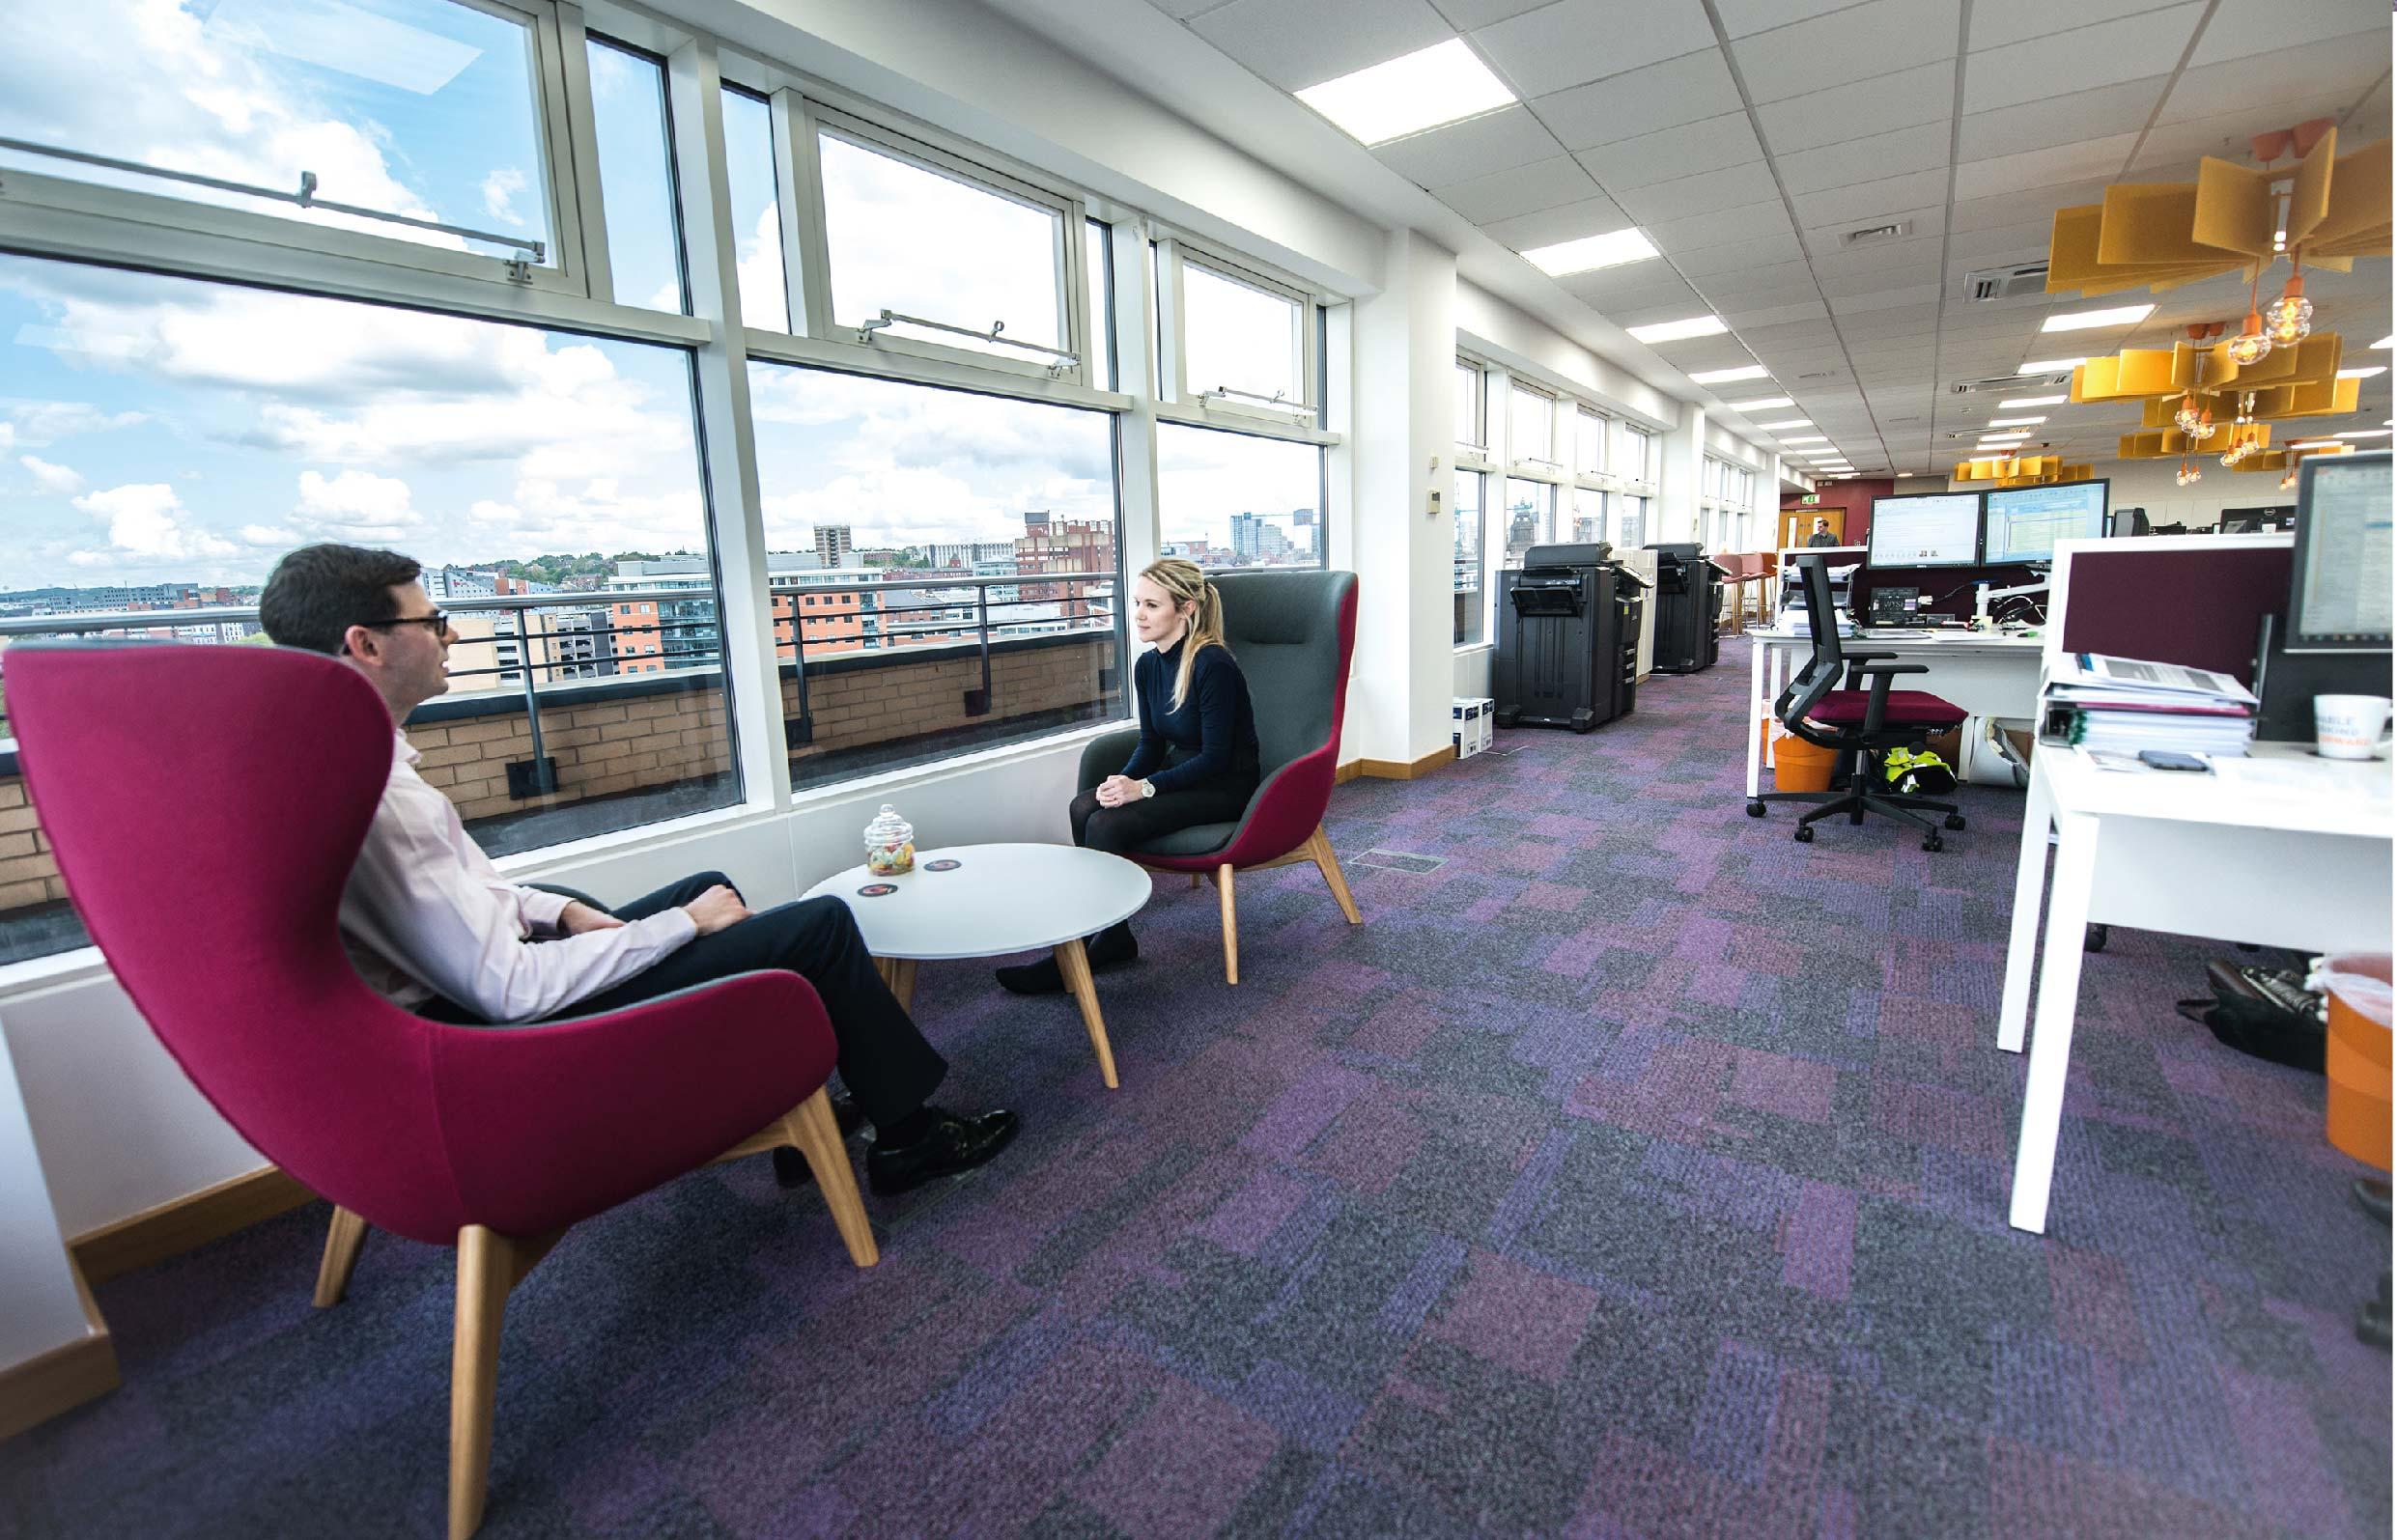 Dale Office Gordons Law Leeds-13